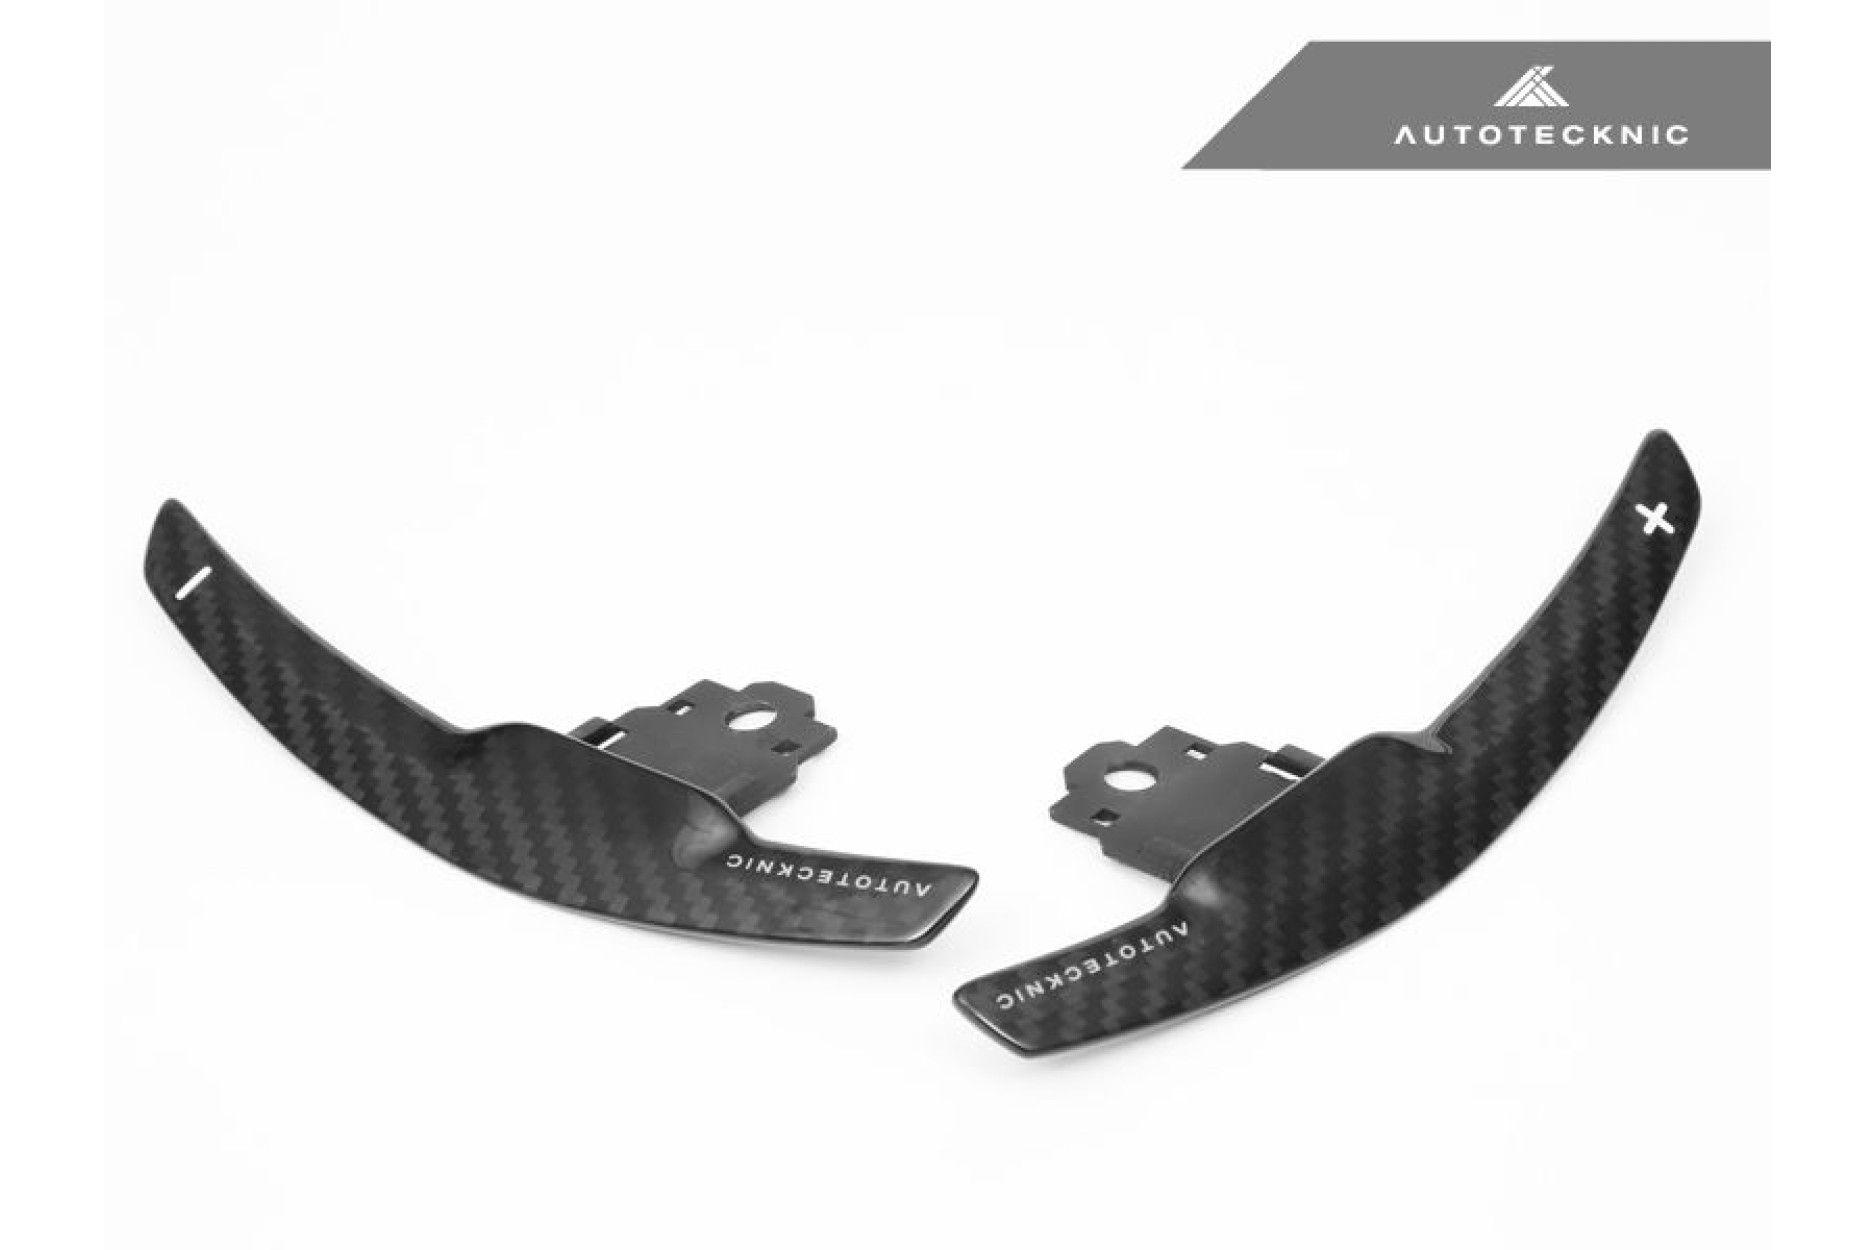 AutoTecknic Competition  Schaltwippen für F87 M2 F80 M3 F82 M4 F10 M5 F06 F12 F13 M6